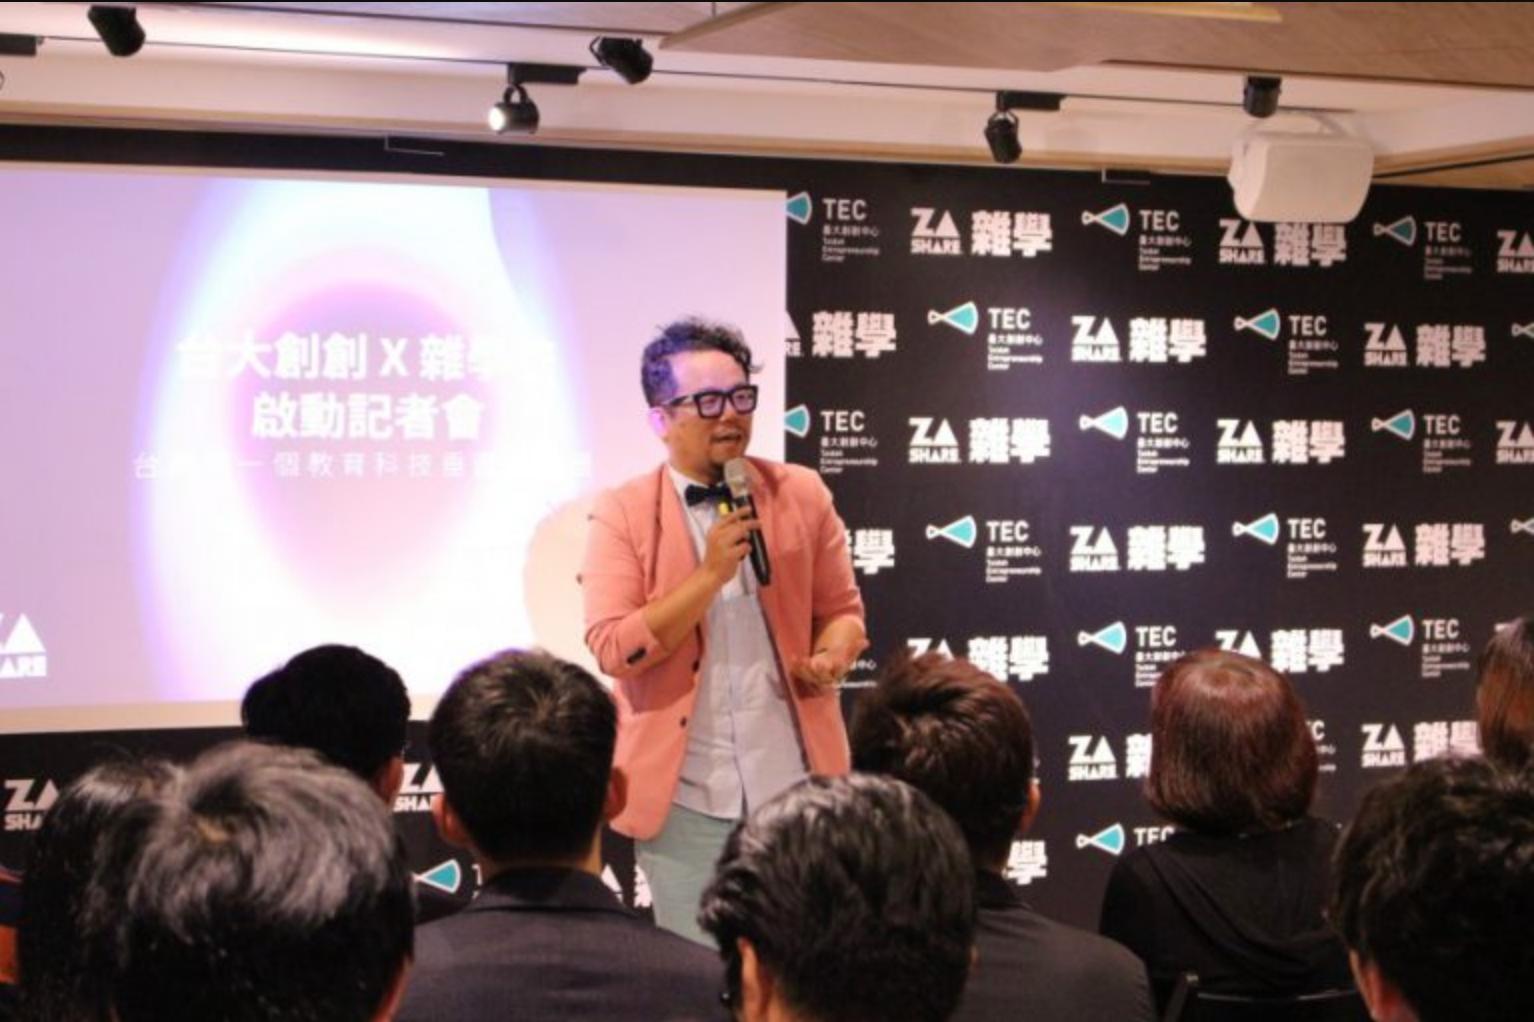 蘇仰志認為台灣蘊藏極大教育創新能量,要把握機會將自己定位為亞洲發展教育科技創新的核心。